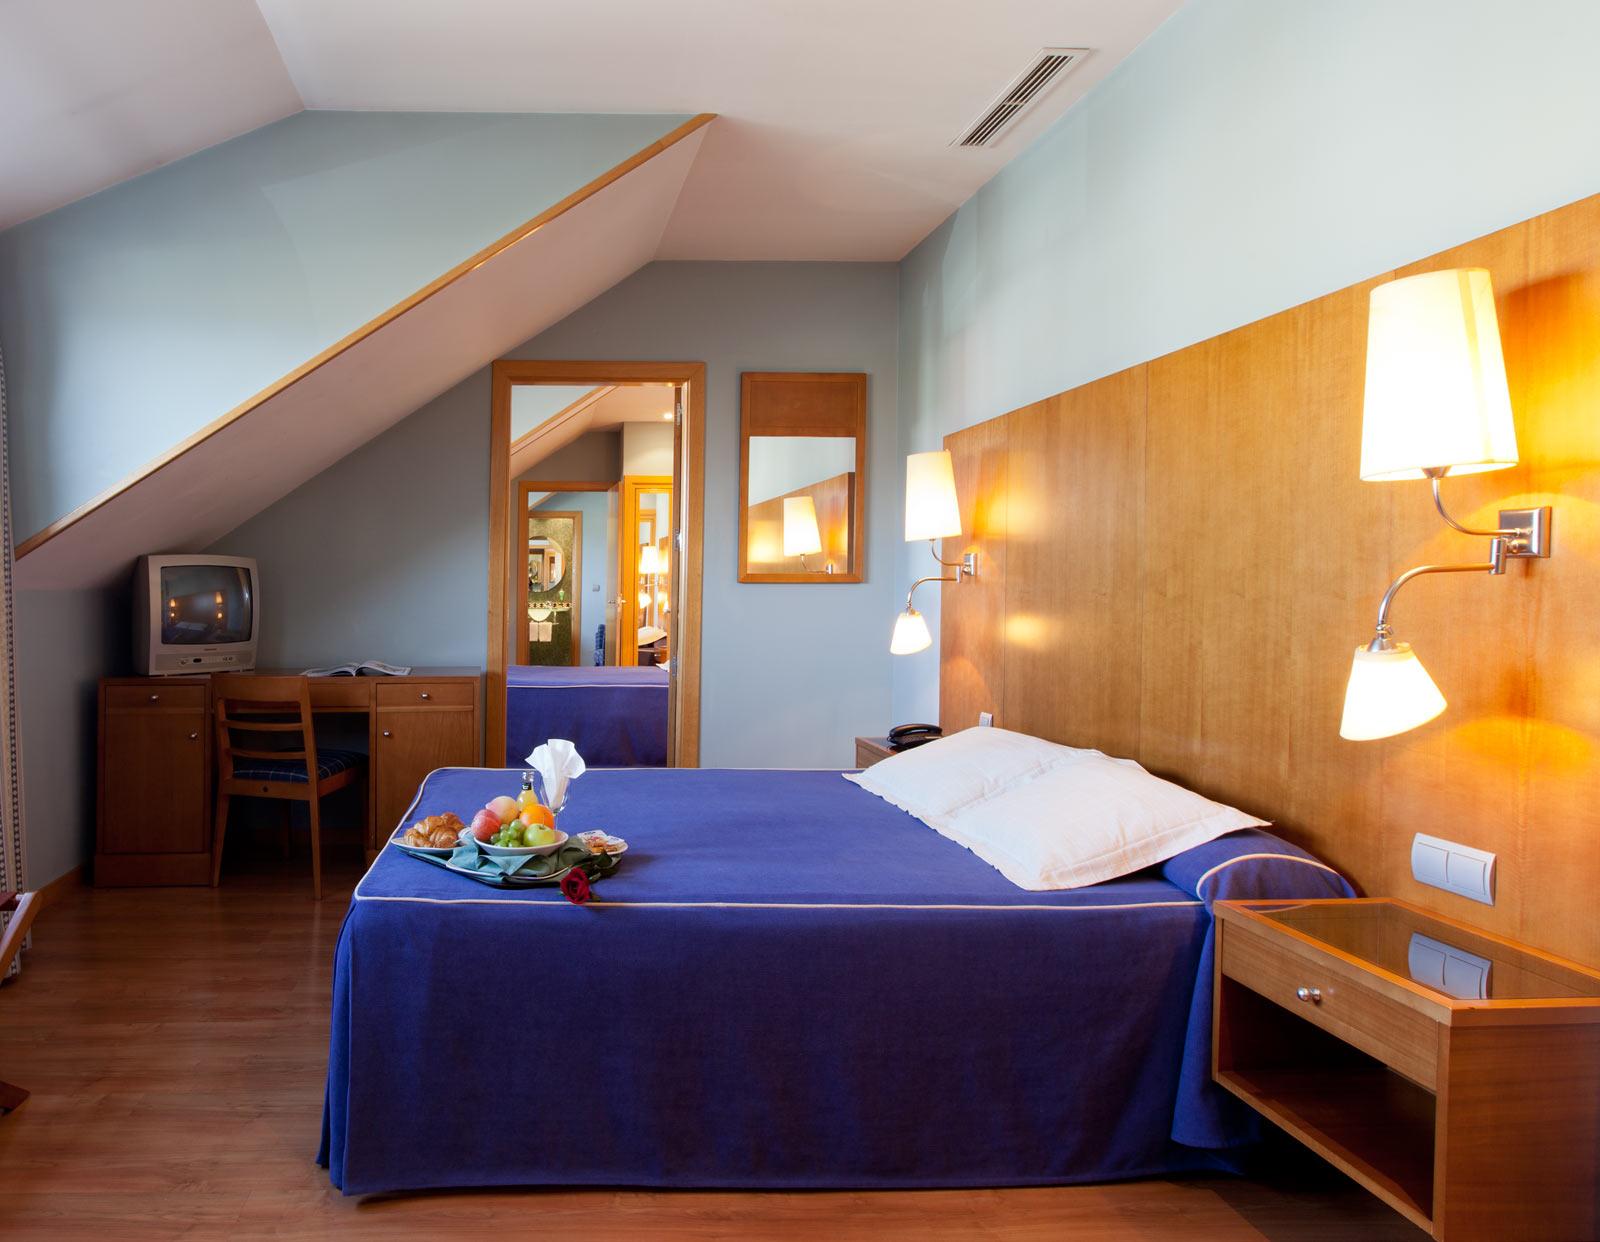 Hotel Galaico | Rooms